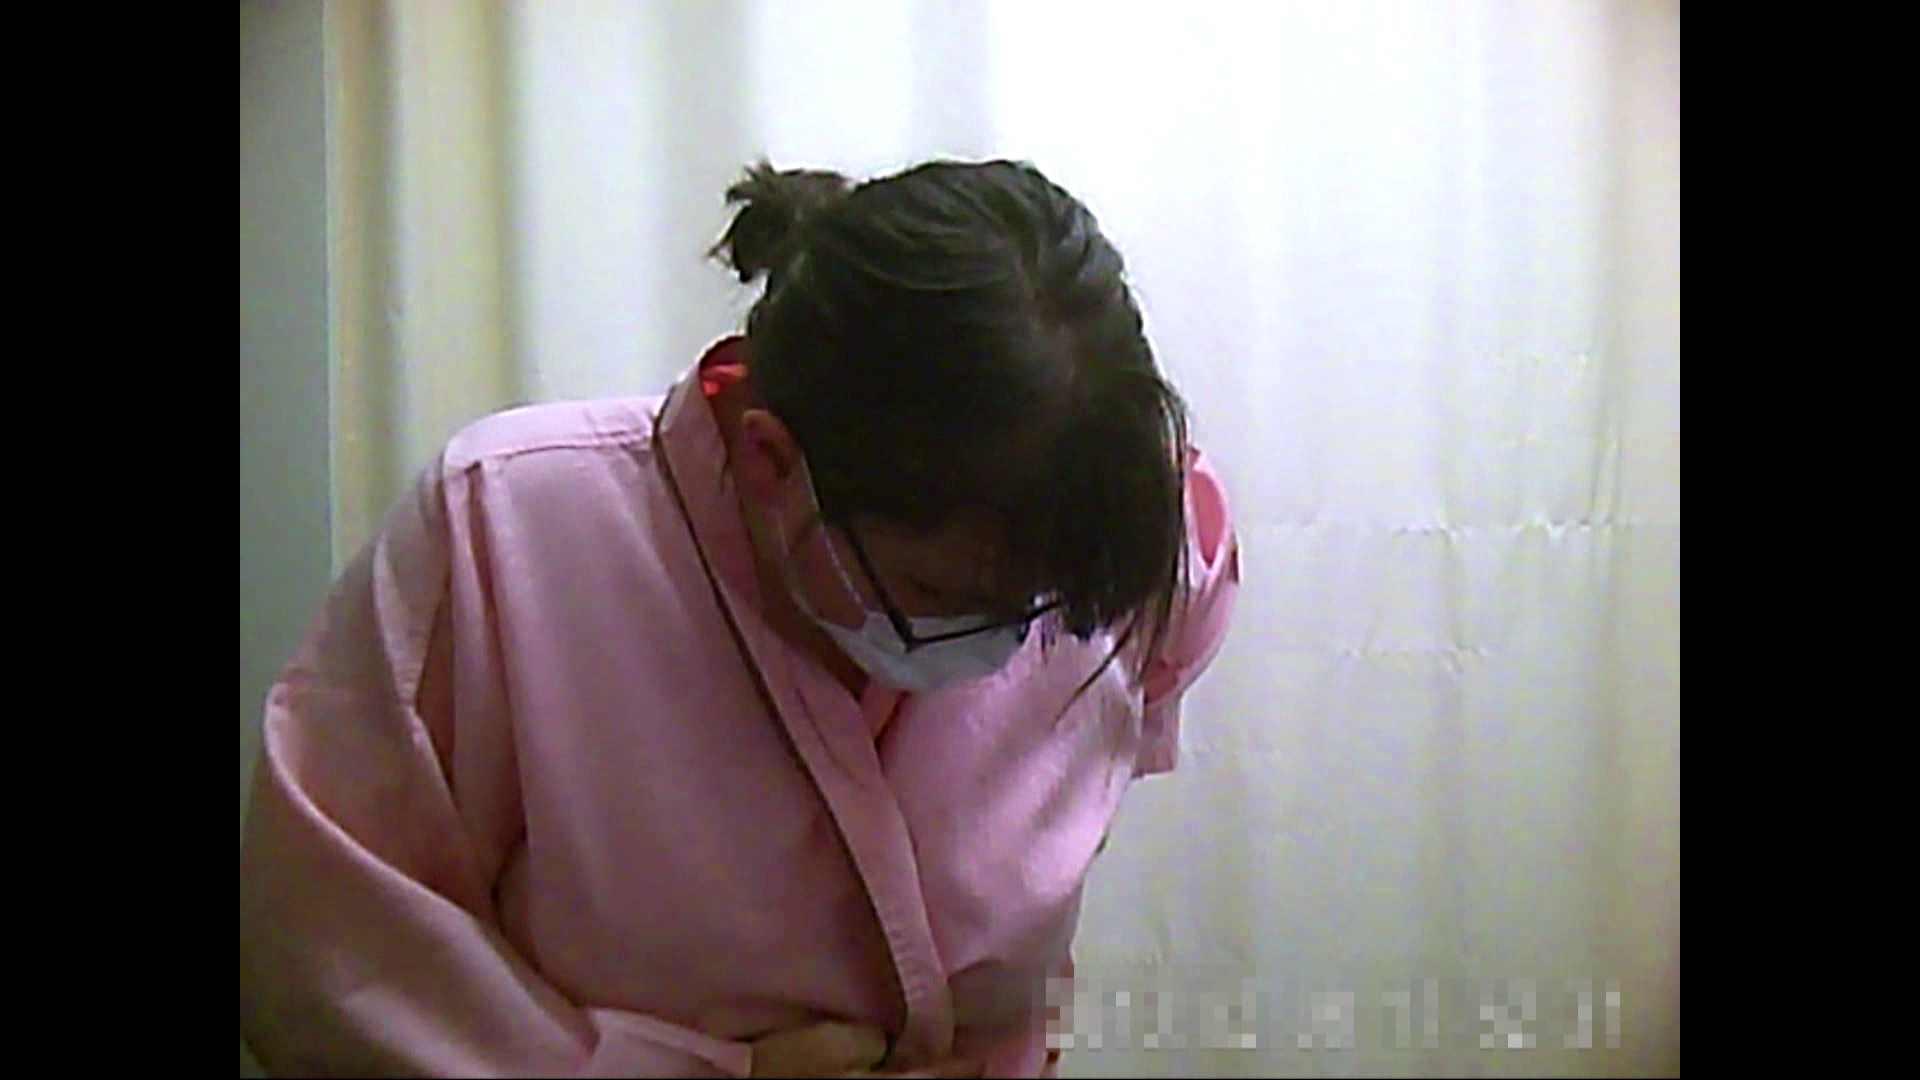 元医者による反抗 更衣室地獄絵巻 vol.148 エッチすぎるOL達 | 0  101連発 1